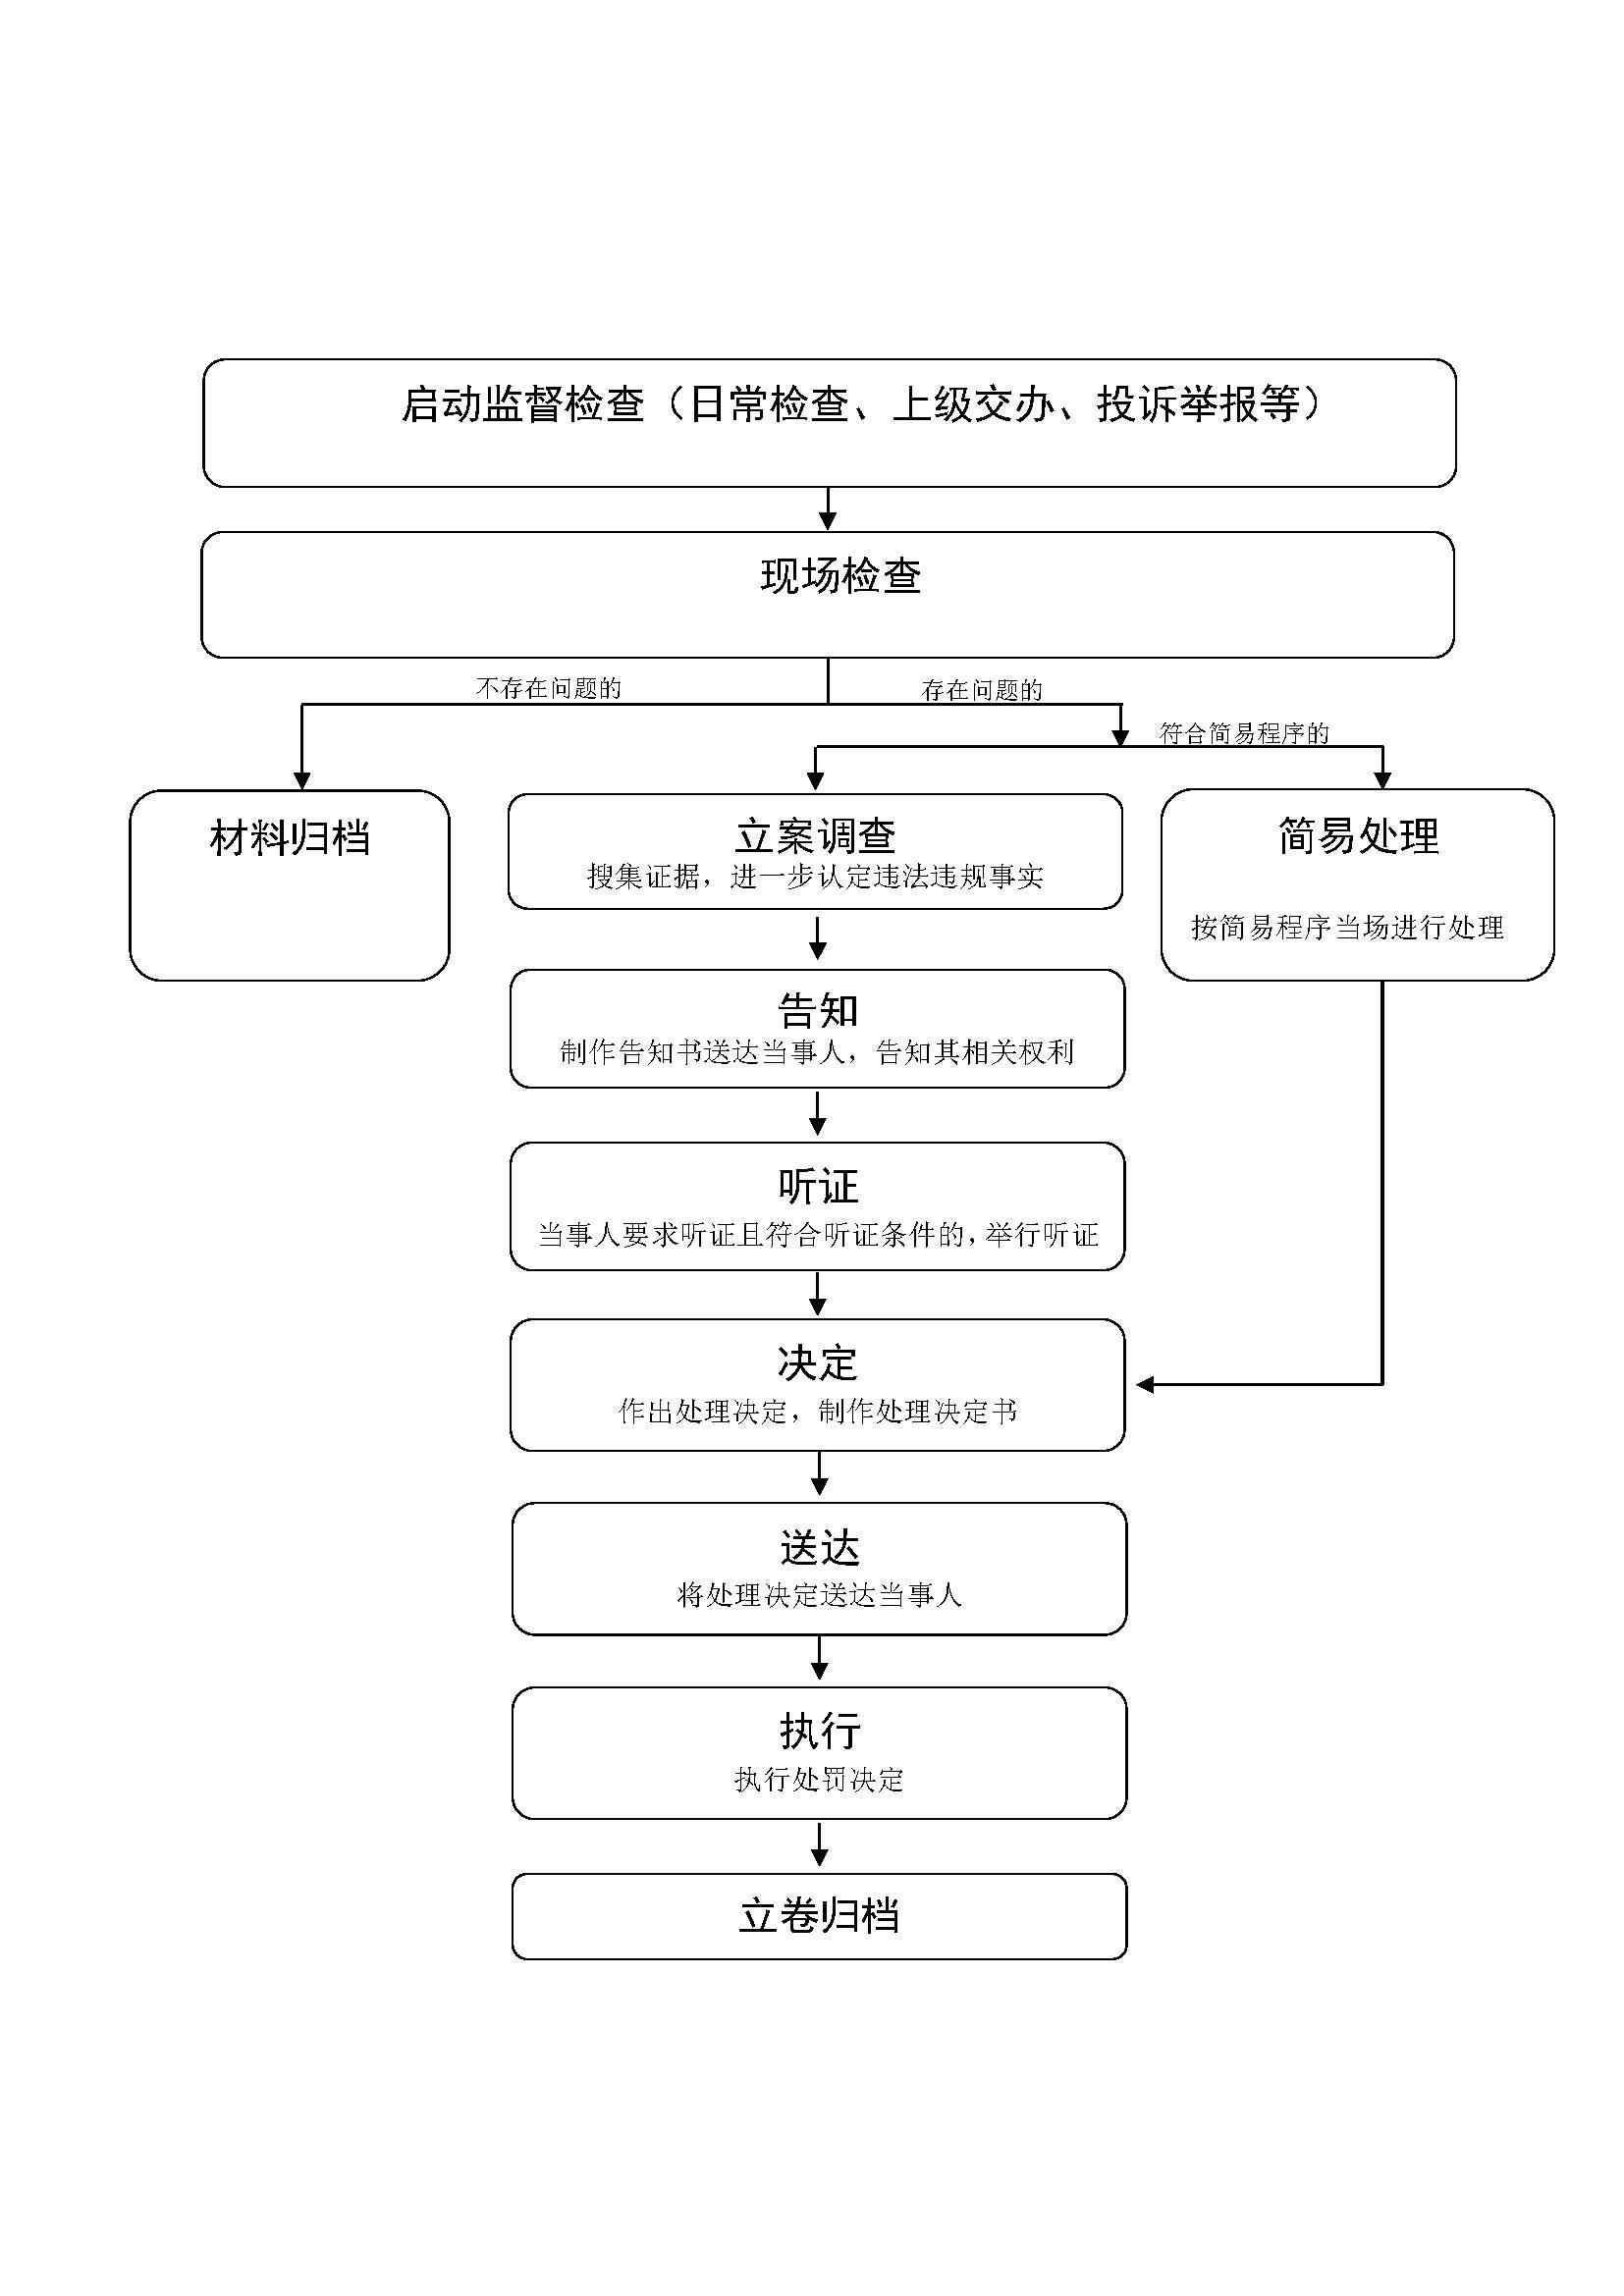 大庆市文化广电新闻出版局行政处罚流程运行图.jpg